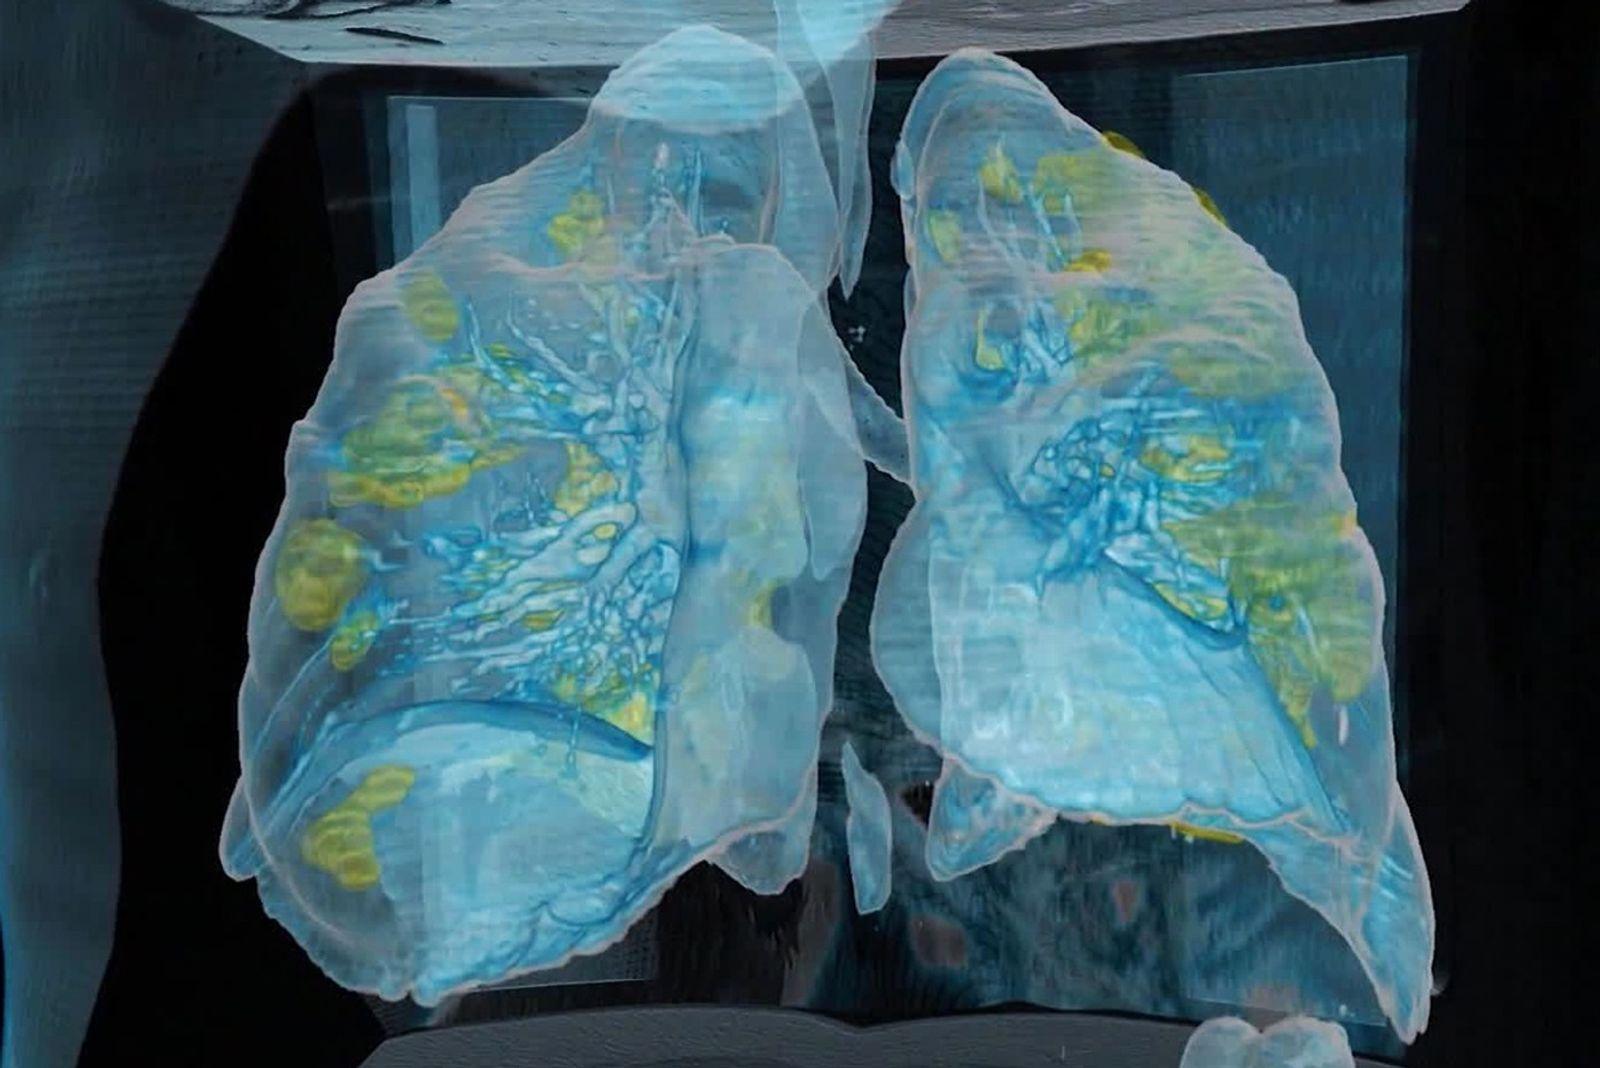 Alguns pacientes respiram normalmente – mas a Covid-19 os sufoca em silêncio